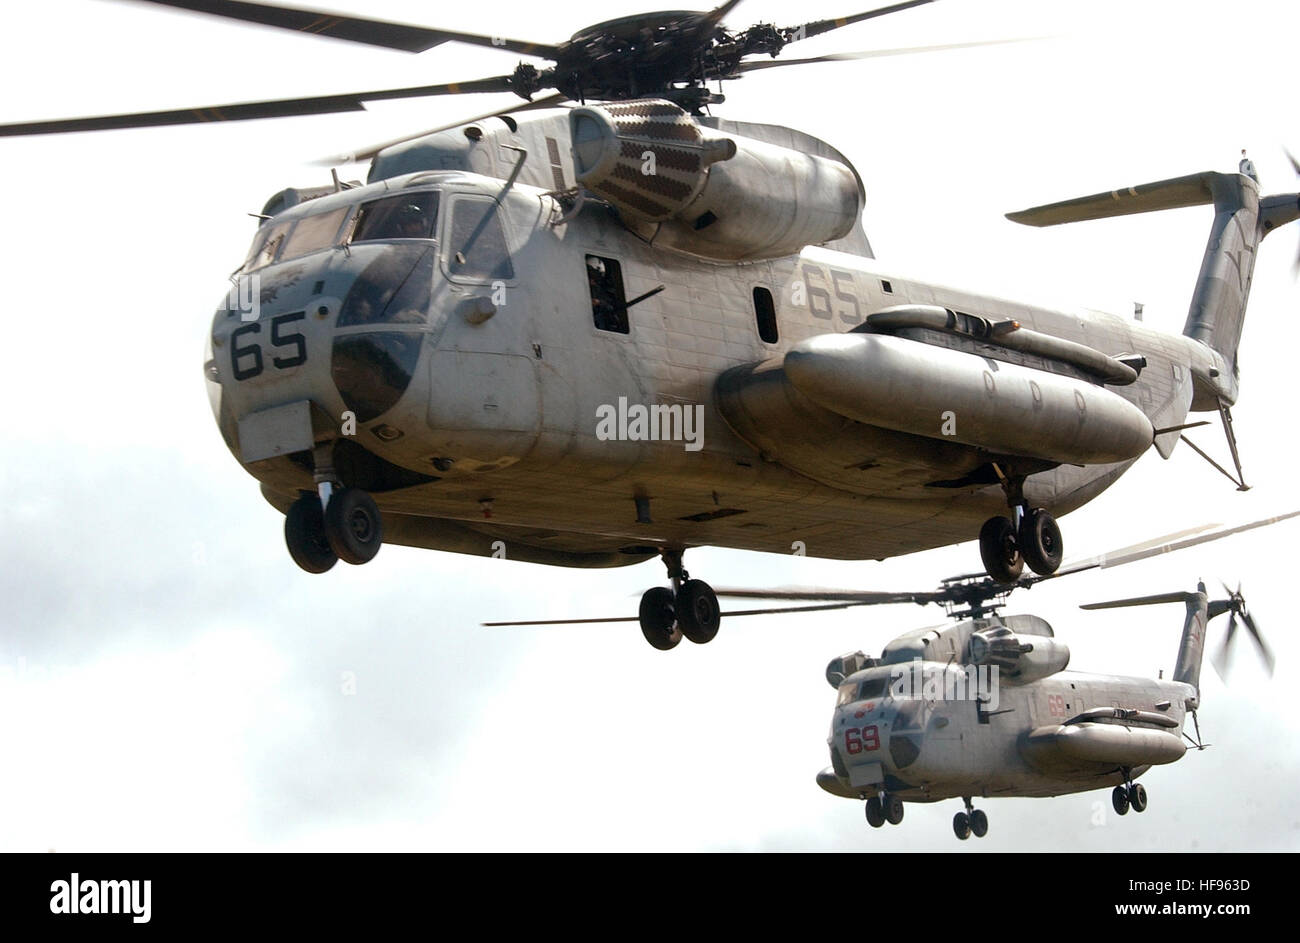 040717-N-6932B-204 Kahuku Area de Formación Oahu, Hawaii (17 de julio, 2004) - tipo CH-53D Mar Stallion helicópteros asignados a la Marina LionsÓ ÒRed escuadrón de helicópteros pesados tres seis tres (HMH-363) acercarse a una zona de aterrizaje para la inserción de una fuerza de rescate marítimo del 3º Regimiento de la Infantería de Marina Marine Corps Base Hawaii, durante una recuperación táctica de aeronaves y personal (TRAP) Ejercicio en apoyo de Rim del Pacífico (Rimpac 2004). RIMPAC es el mayor ejercicio marítimo internacional en las aguas alrededor de las Islas Hawaianas. El ejercicio de este año incluye siete naciones participantes; Australia, Canad Foto de stock